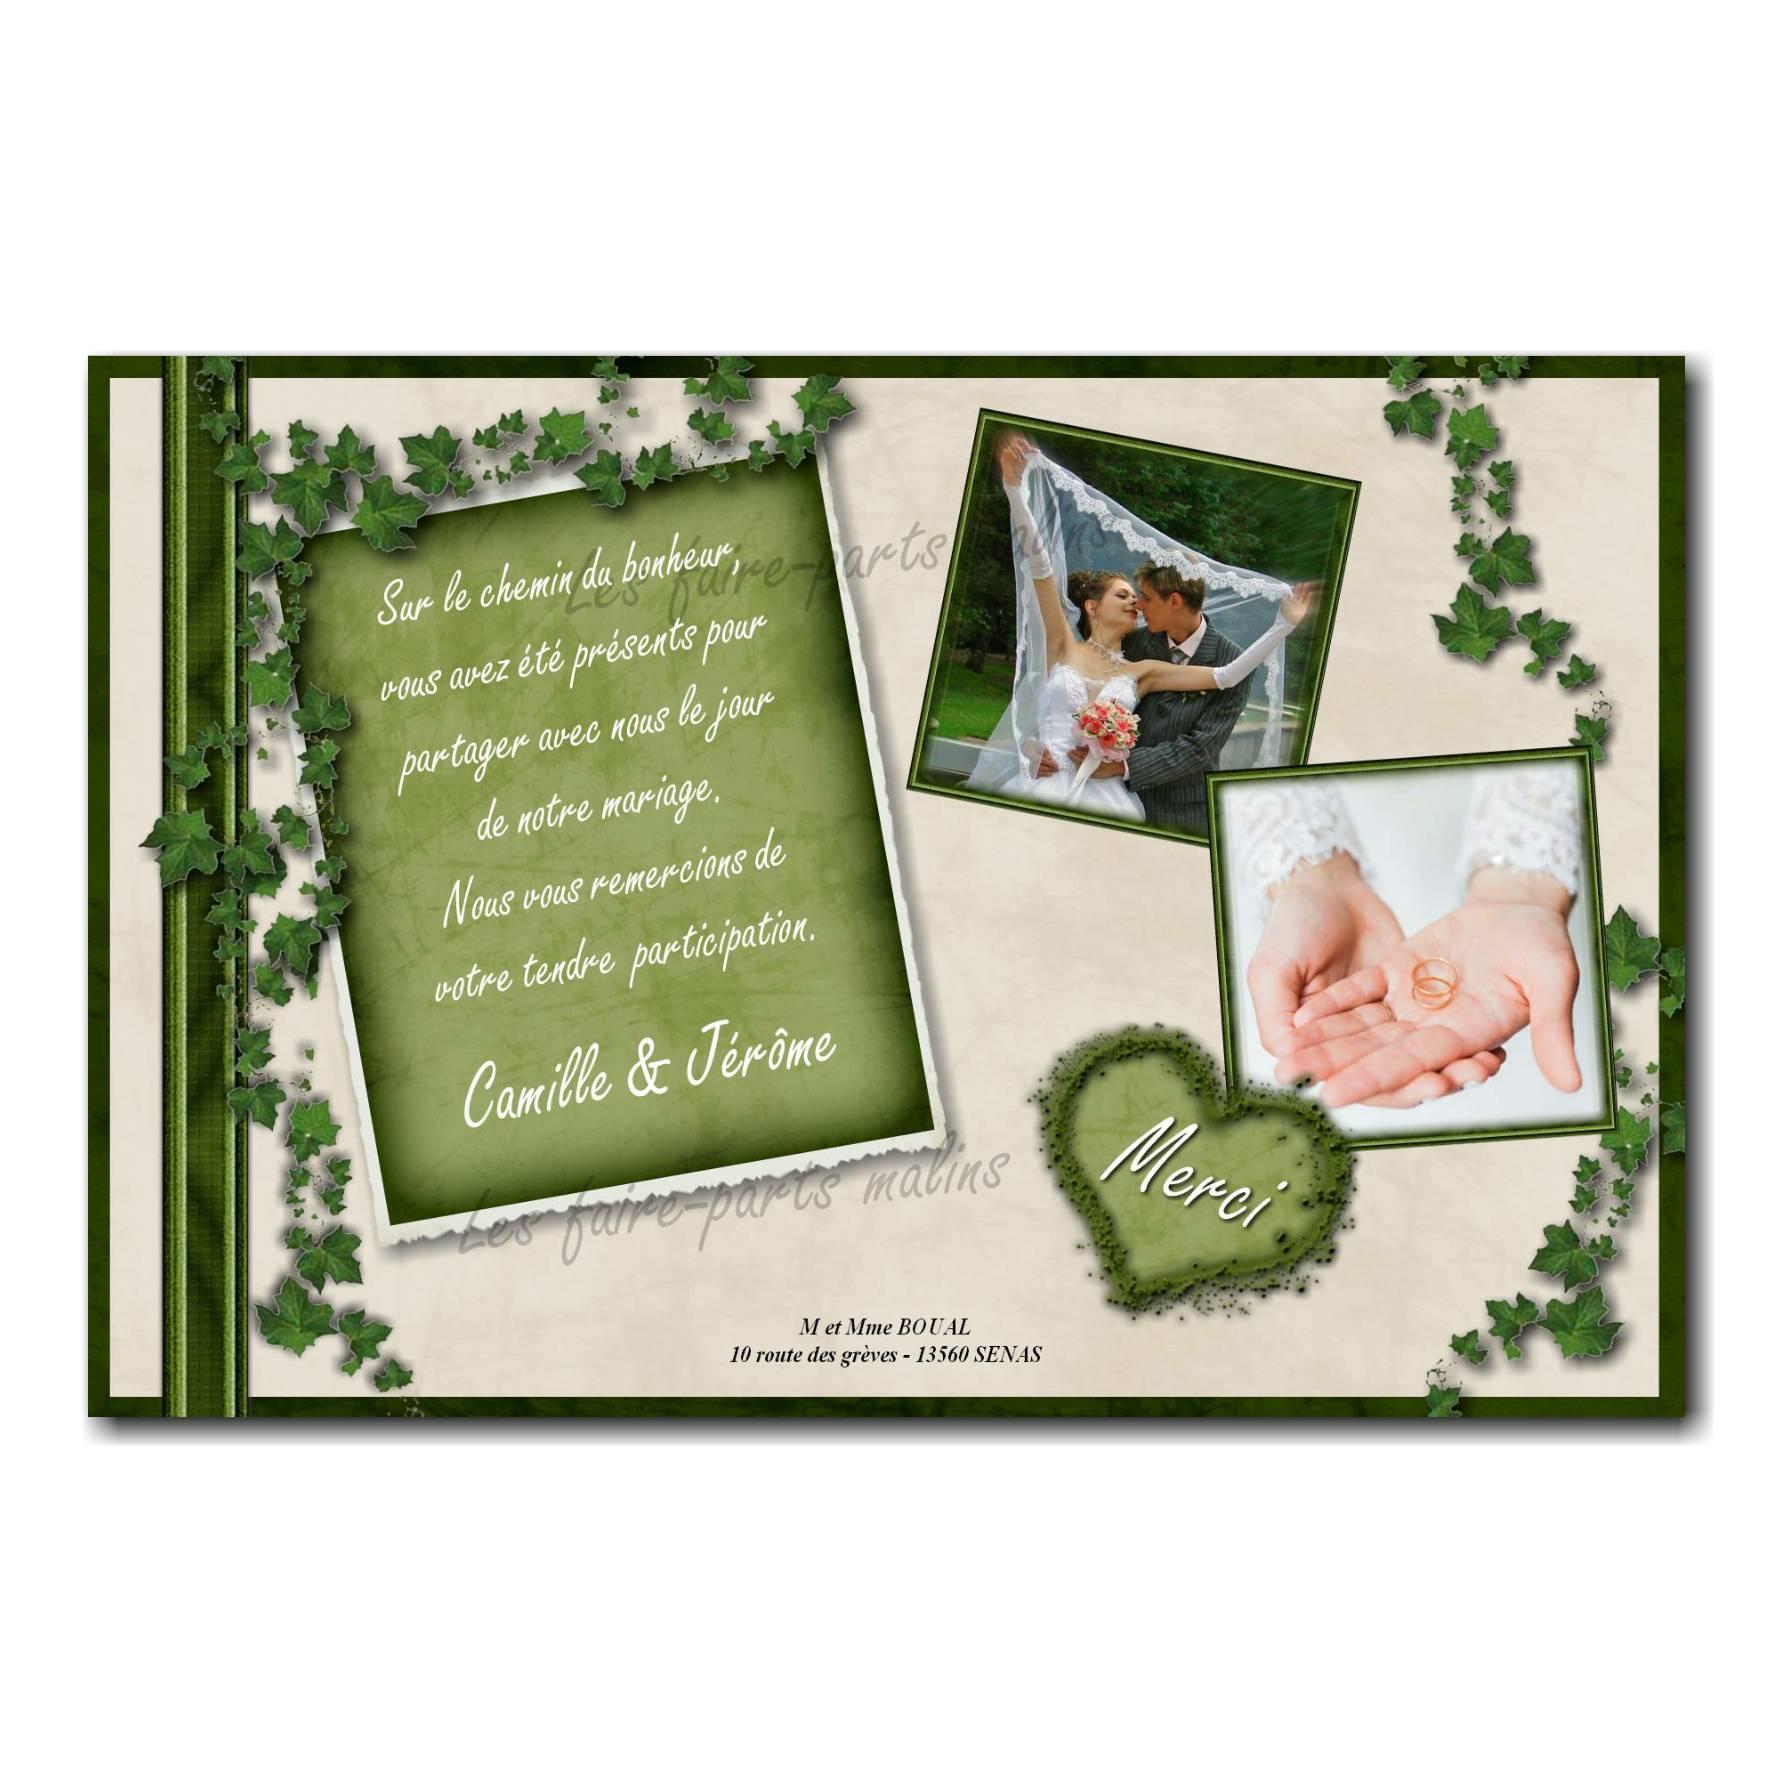 cartes de remerciements ocre et vert lierre avec deux photos